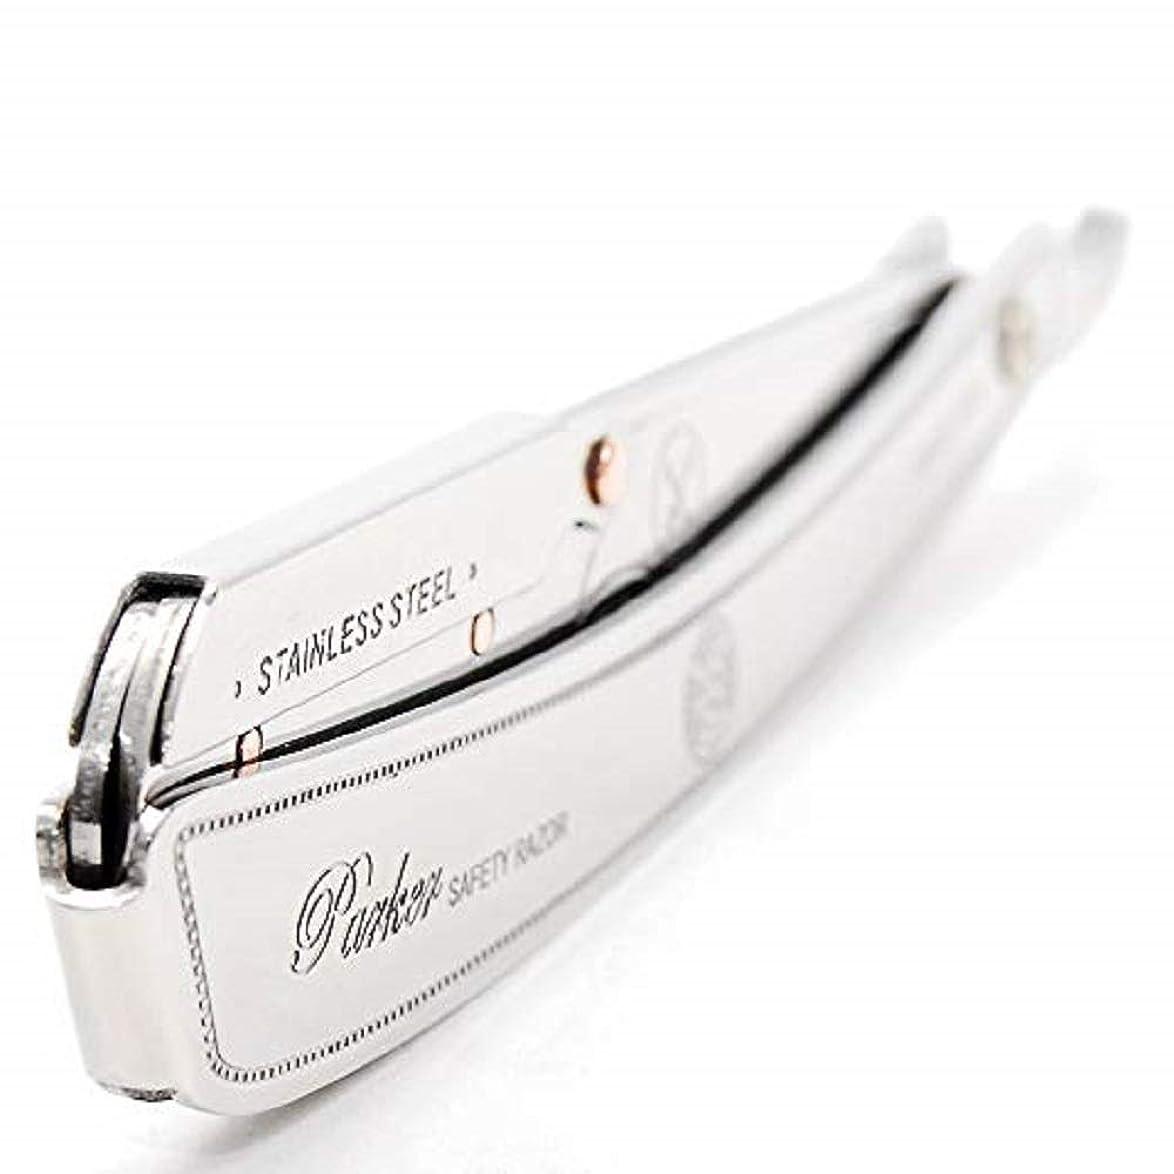 世界の窓放射性指定パーカー(Parker) SRX 剃刀 プロ用 替刃100枚の2点セット [並行輸入品]